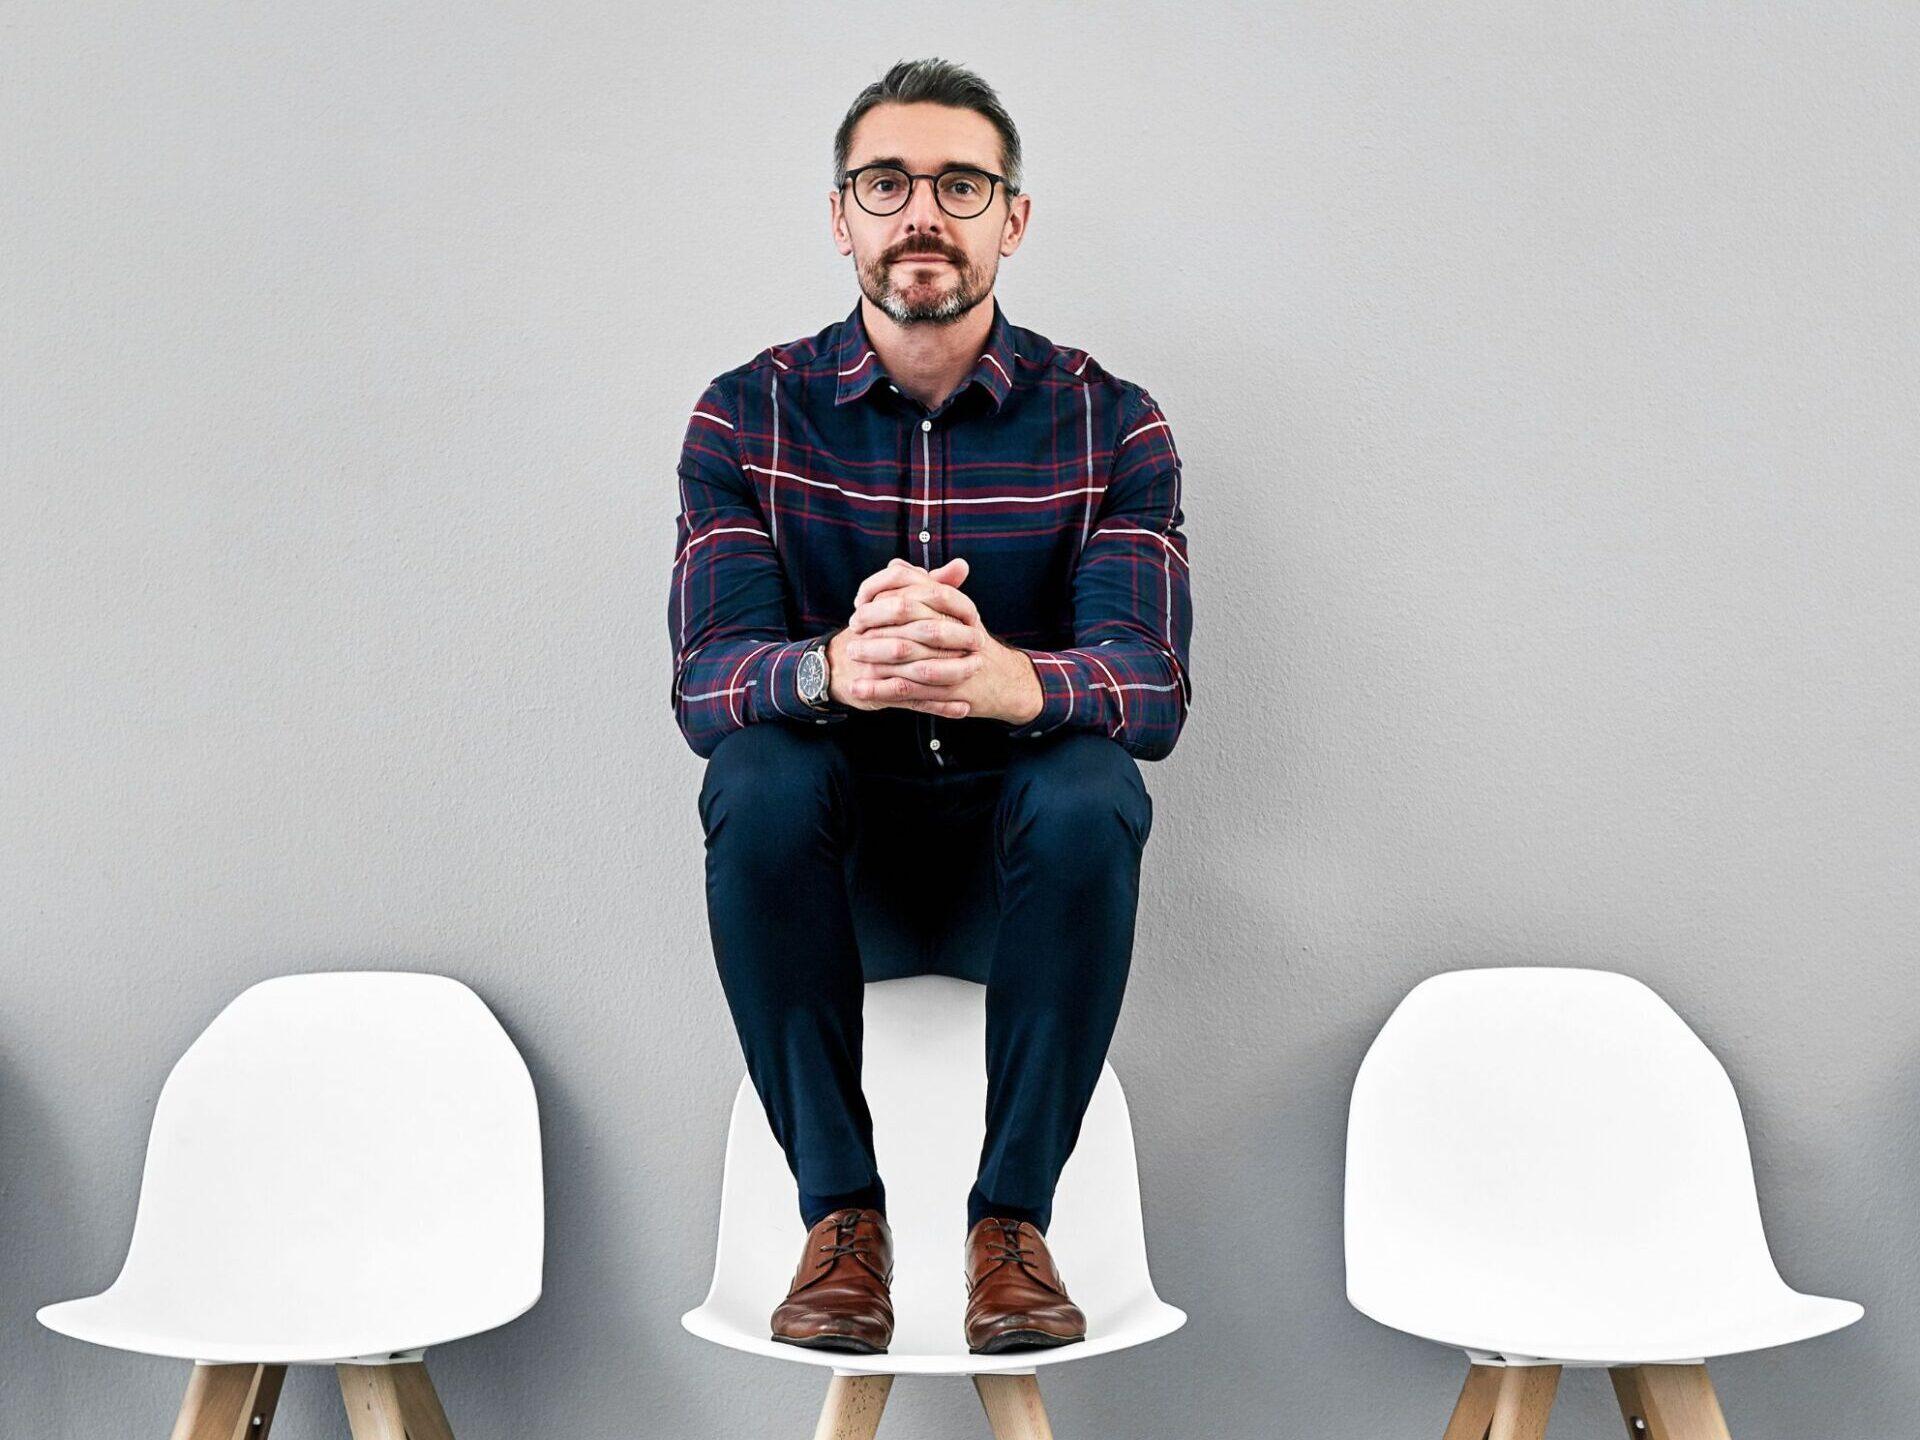 Mand der sidder på stoleryg